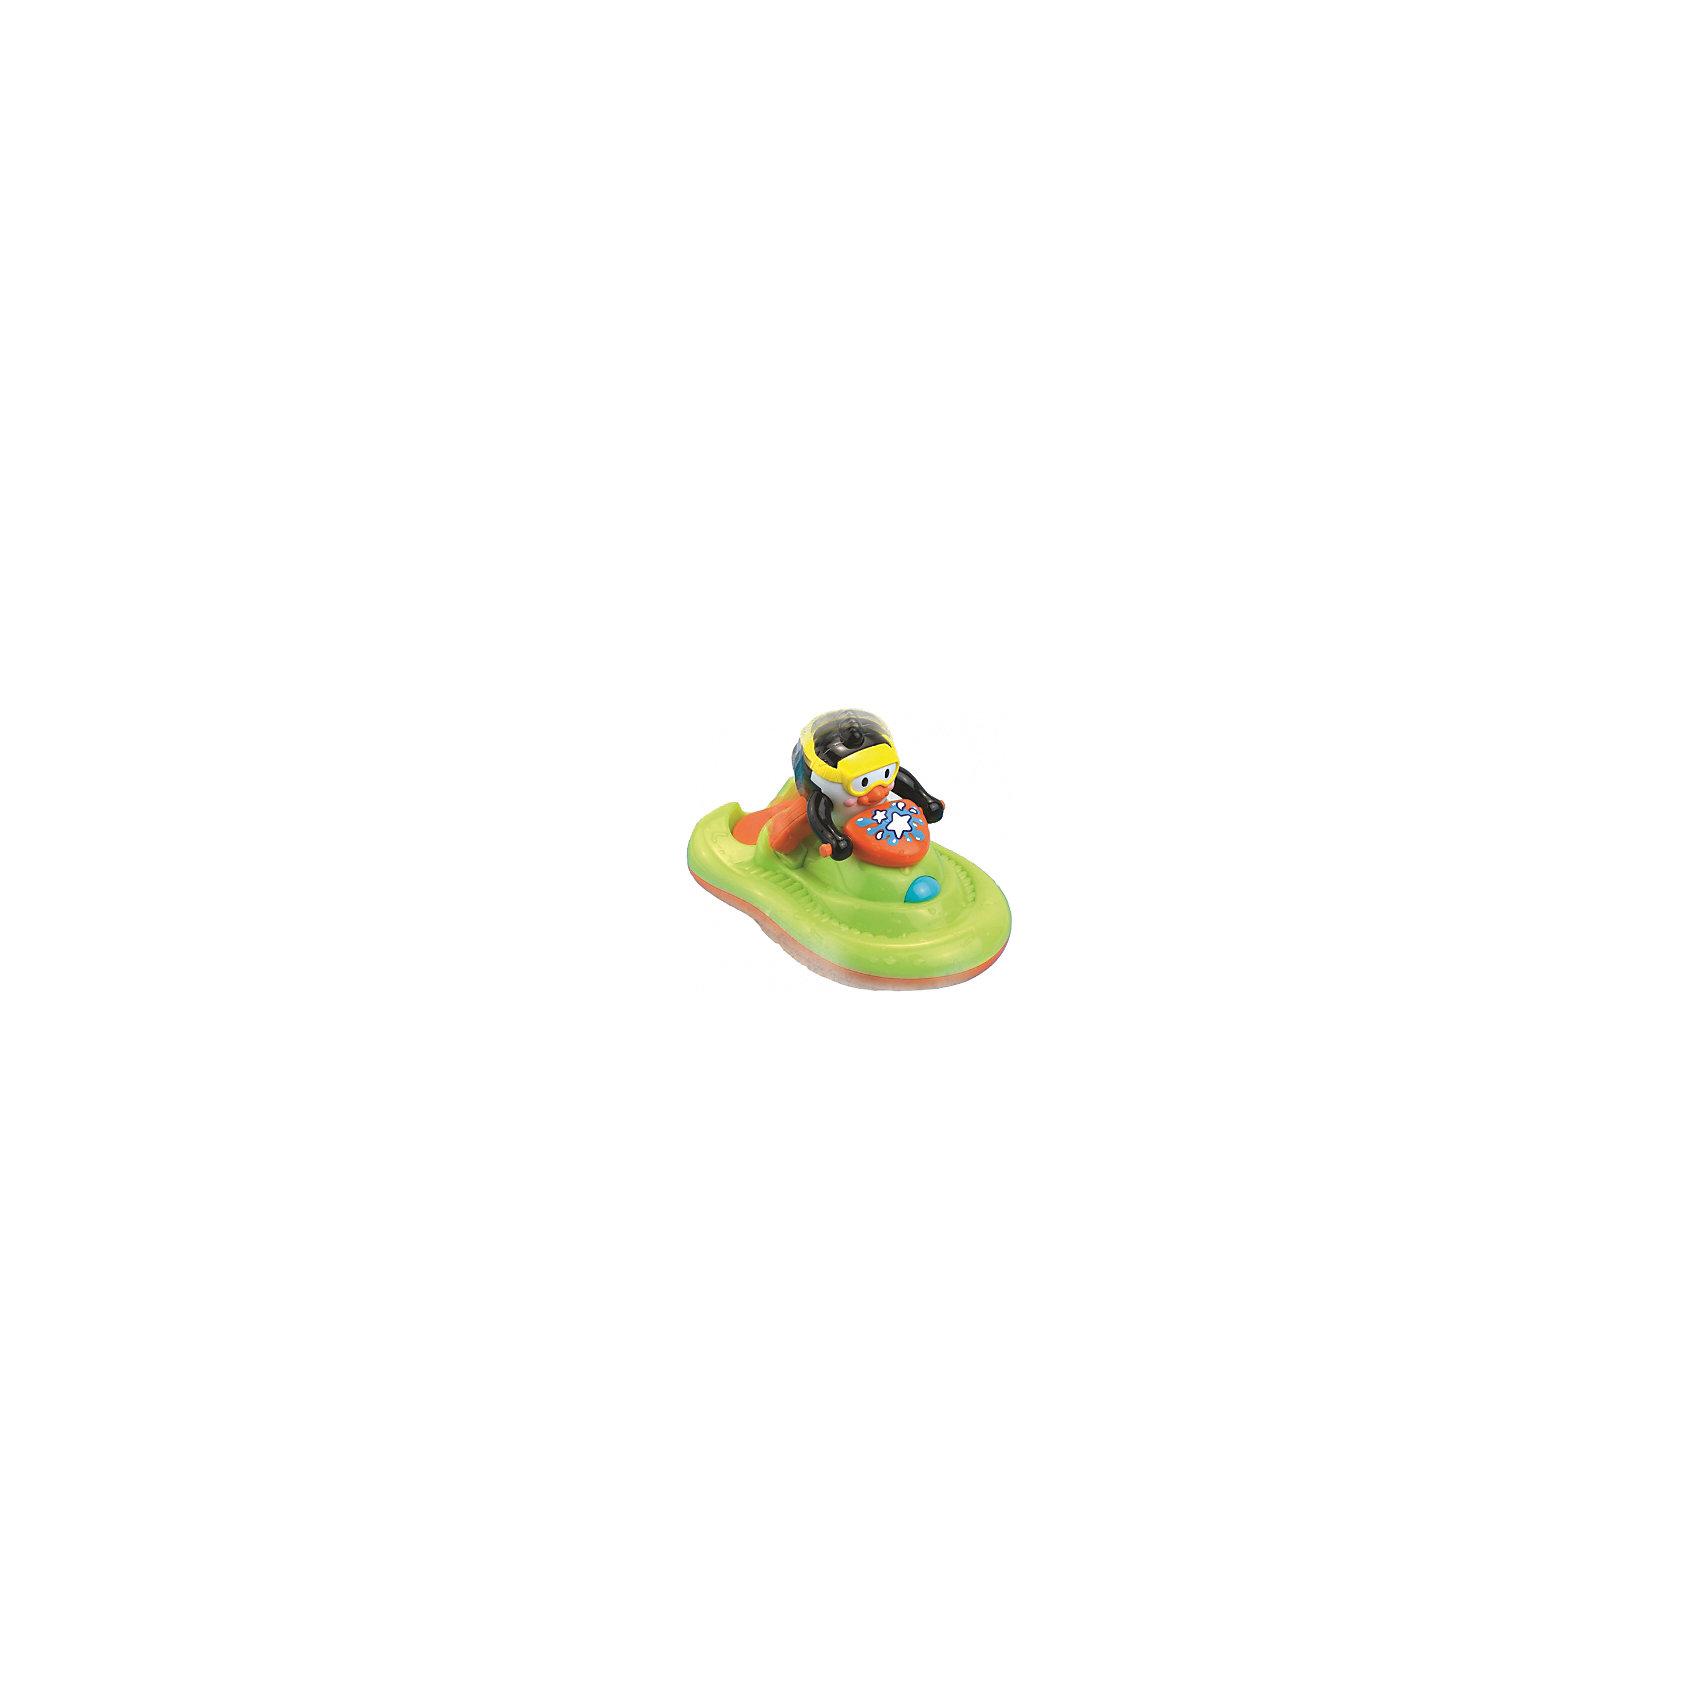 Пингвиненок на катере, HAP-P-KIDИгрушки для ванной<br>Пингвиненок на катере, Happy Kid (Хэппи Кид) – эта забавная игрушка развеселит вашего малыша во время купания.<br>Игрушка для ванной Пингвиненок на катере от Happy Kid (Хэппи Кид) выполнена в виде забавного пингвиненка в желтой маске, который сидит на водном катере зелено-оранжевого цвета. В специальный отсек катера нужно налить мыльную жидкость, нажать кнопку на передней части катера и опустить игрушку на воду. Катер поплывет, слегка подпрыгивая, и качаясь, словно на волнах, и будет пускать мыльные пузыри. Эта игрушка привлечет внимание вашего малыша и превратит купание в веселую игру! Игрушка не имеет острых углов, её форма обтекаемая, а значит, ребенок не сможет пораниться. Развивает воображение, цветовосприятие, мелкую моторику, а также помогает ребенку справиться с боязнью воды. Продукция изготовлена из прочного, качественного, безопасного пластика, сертифицирована, экологически безопасна, использованные красители не токсичны и гипоаллергенны.<br><br>Дополнительная информация:<br><br>- Размер: 19 х 12 х 11,5 см.<br>- Материал: пластик<br>- Батарейки: 3 типа ААА (в комплекте демонстрационные)<br>- Размер упаковки: 18 x 16 x 21 см.<br>- Вес: 533 гр.<br><br>Пингвиненка на катере, Happy Kid (Хэппи Кид) можно купить в нашем интернет-магазине.<br><br>Ширина мм: 180<br>Глубина мм: 160<br>Высота мм: 210<br>Вес г: 533<br>Возраст от месяцев: 12<br>Возраст до месяцев: 36<br>Пол: Унисекс<br>Возраст: Детский<br>SKU: 4726748